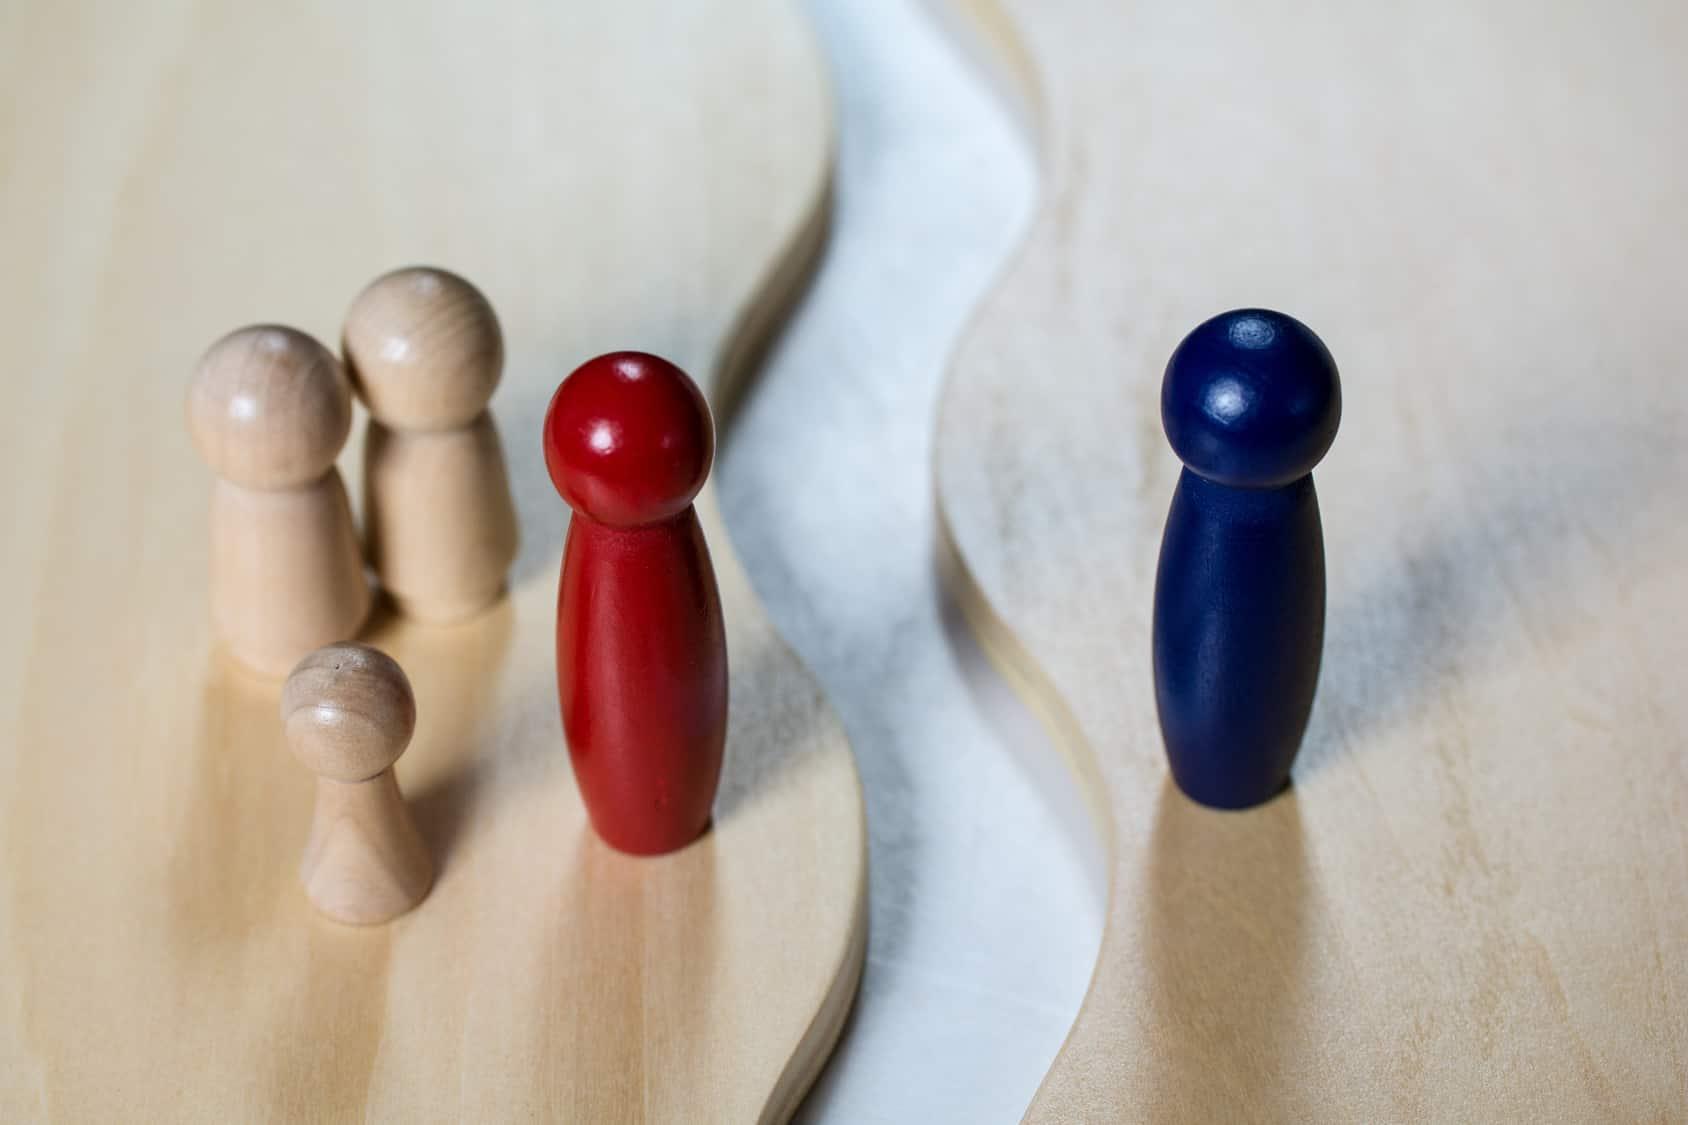 Una medida de separación funcional está encaminada a reducir los obstáculos al acceso a la red de última milla y, por tanto, al desarrollo de jugadores competidores y a la competencia efectiva.